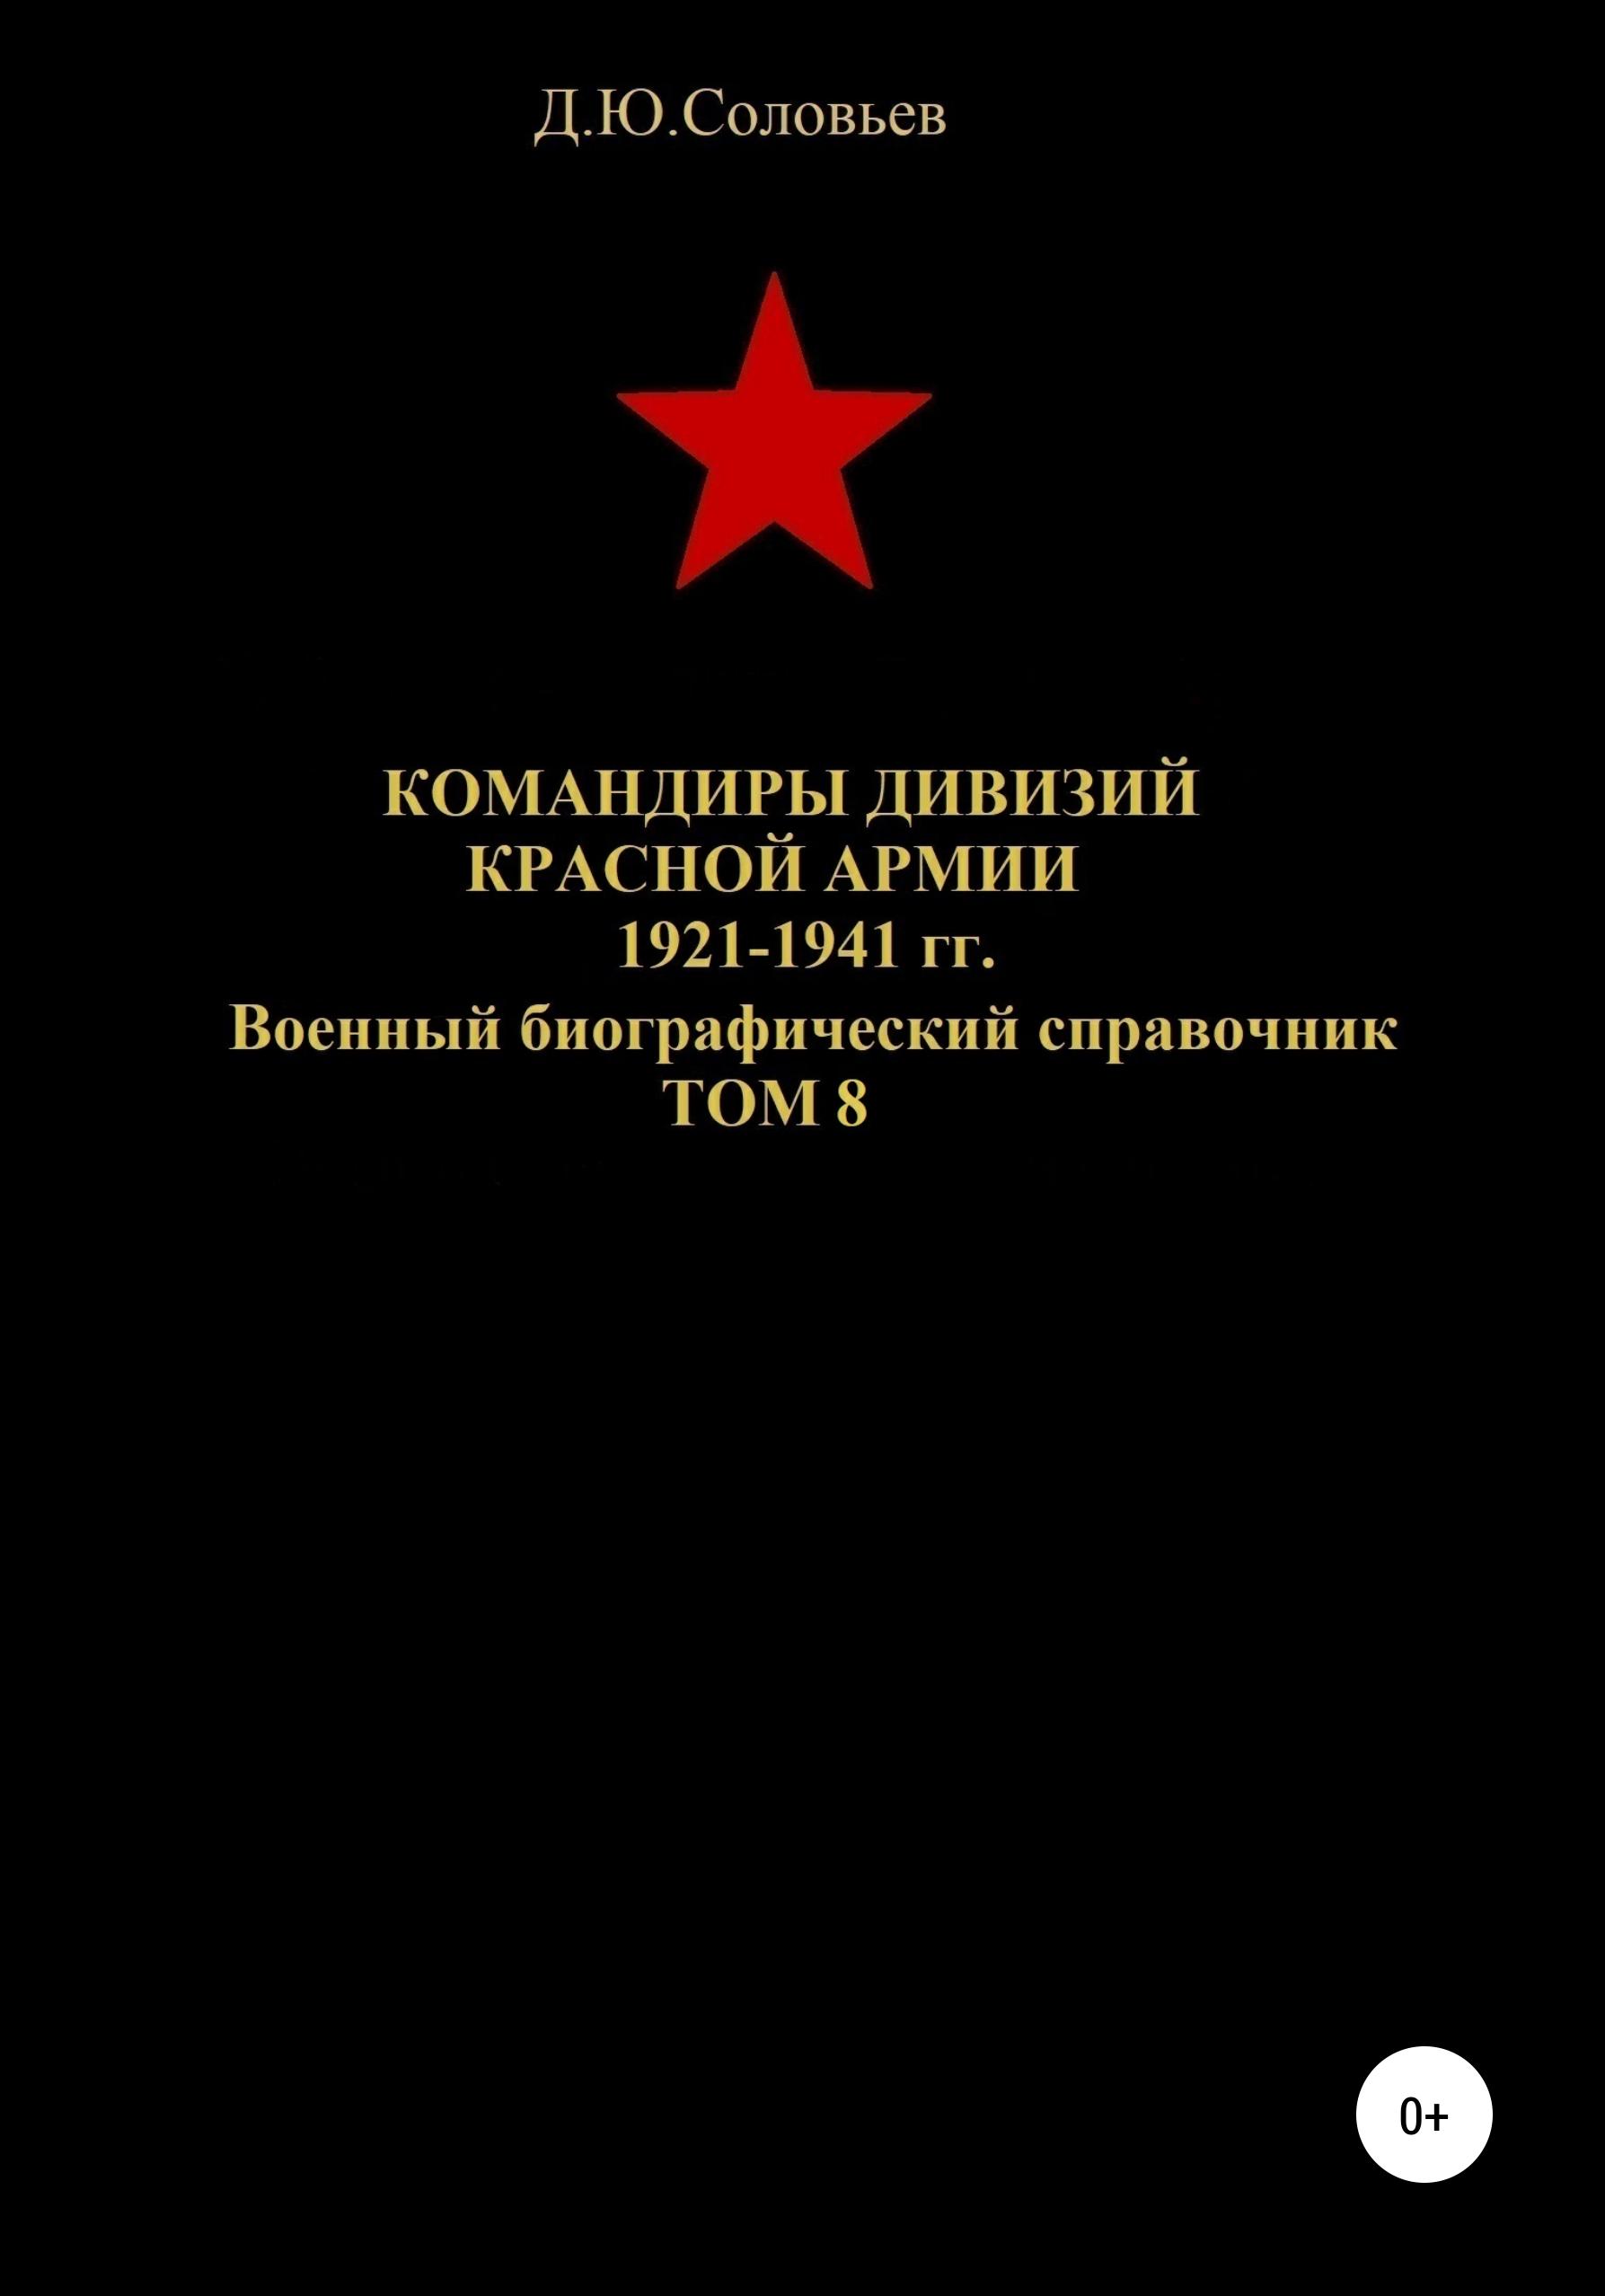 Командиры дивизий Красной Армии 1921-1941 гг. Том 8